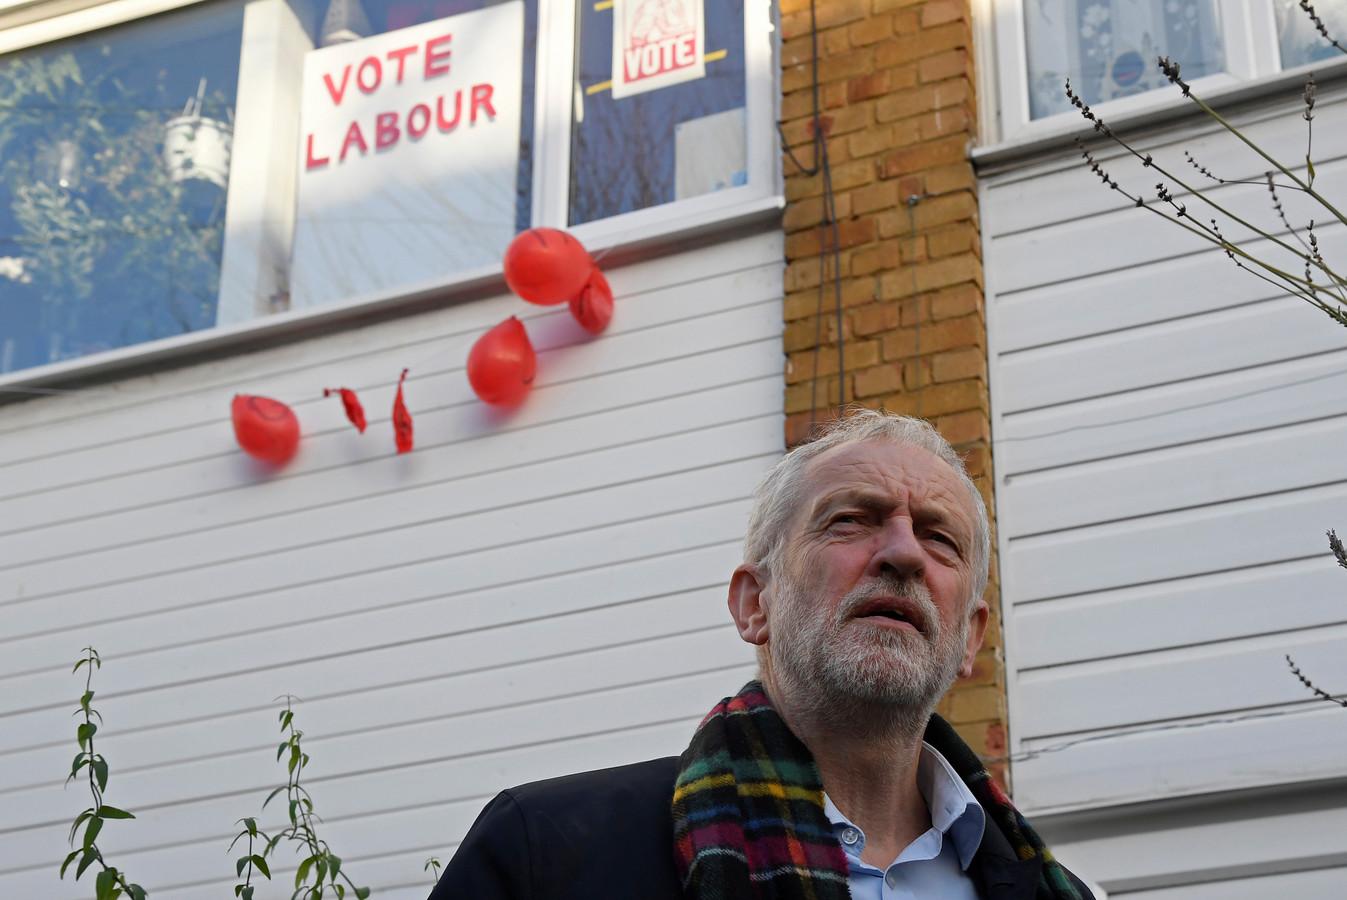 Labour-leider Jeremy Corbyn voor zijn huis in Londen, waar de politieke boodschappen nog volop zichtbaar zijn.